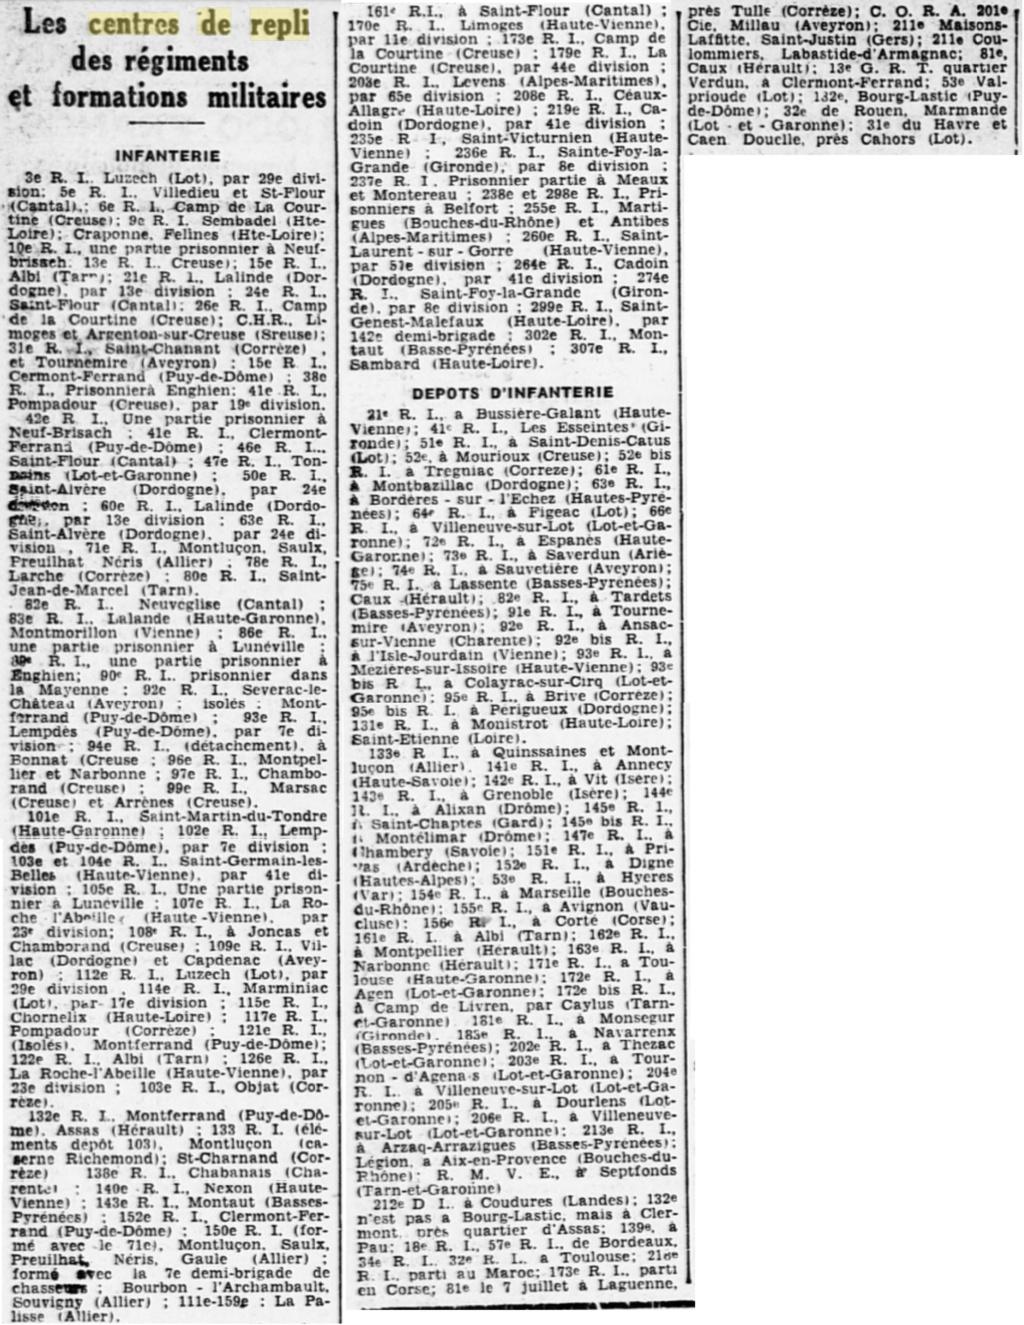 Liste des centres de repli des unités françaises 19400824